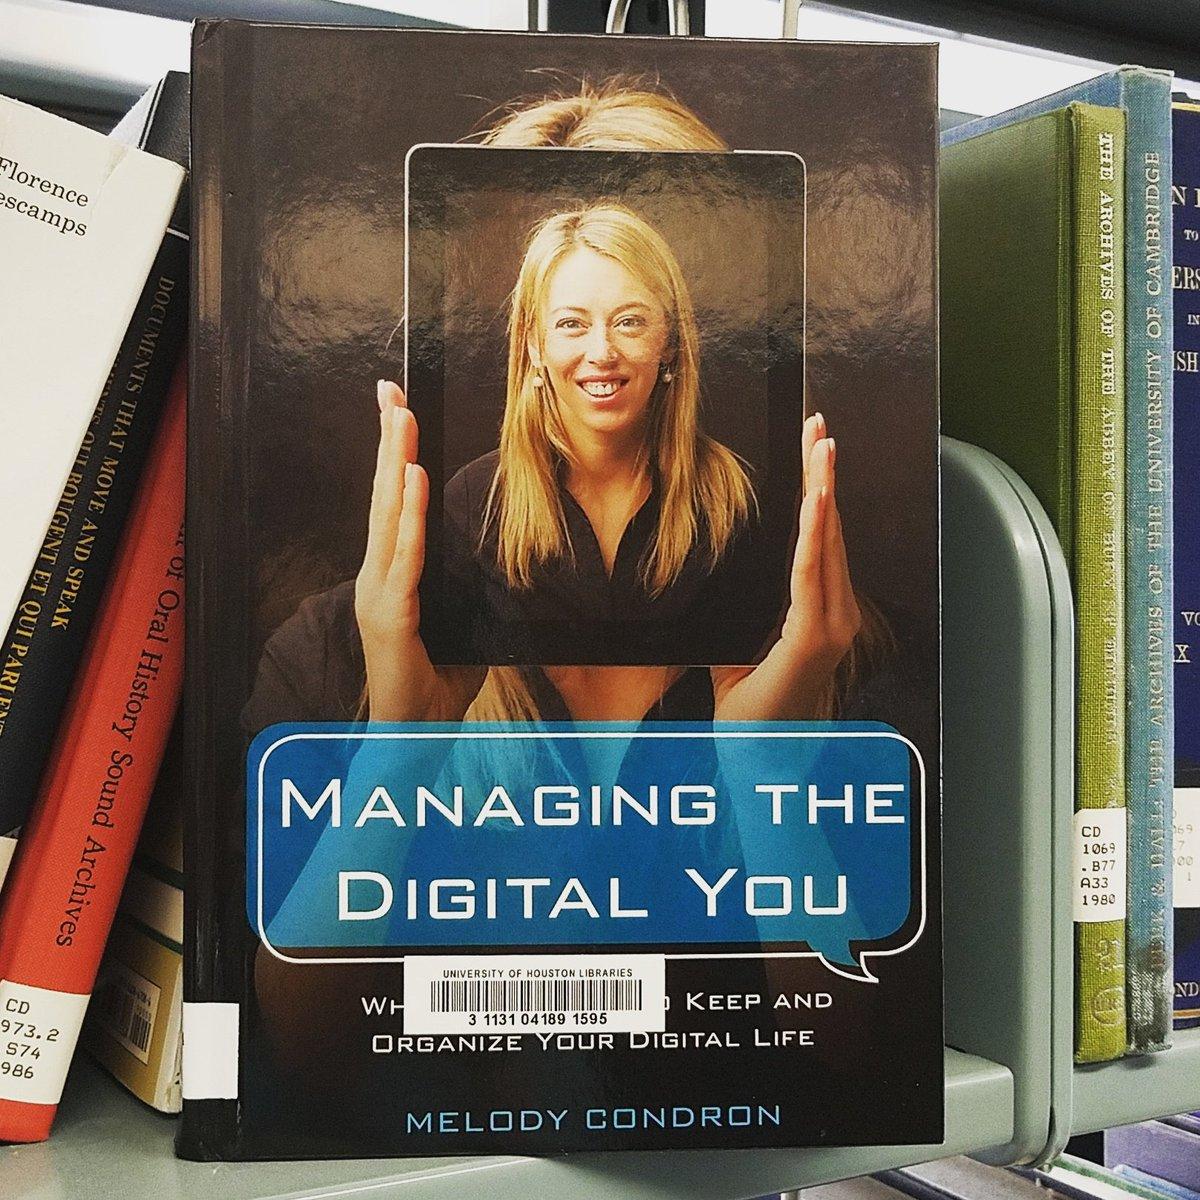 book secondo manifesto per la filosofia 2010